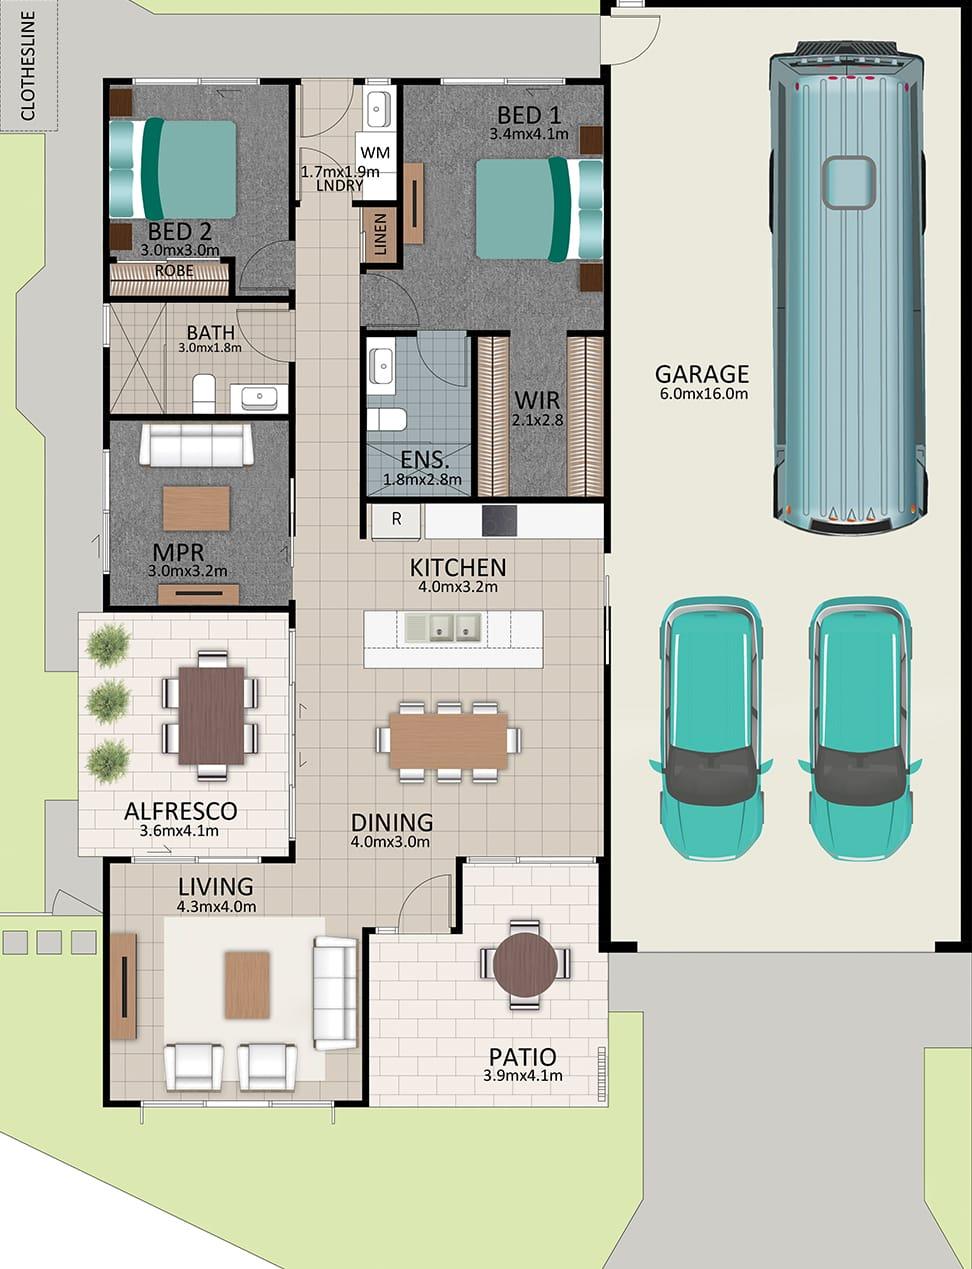 LR WEB LAT25 Floorplan LOT 177 Kennard NOV19 V1 - Lot 177